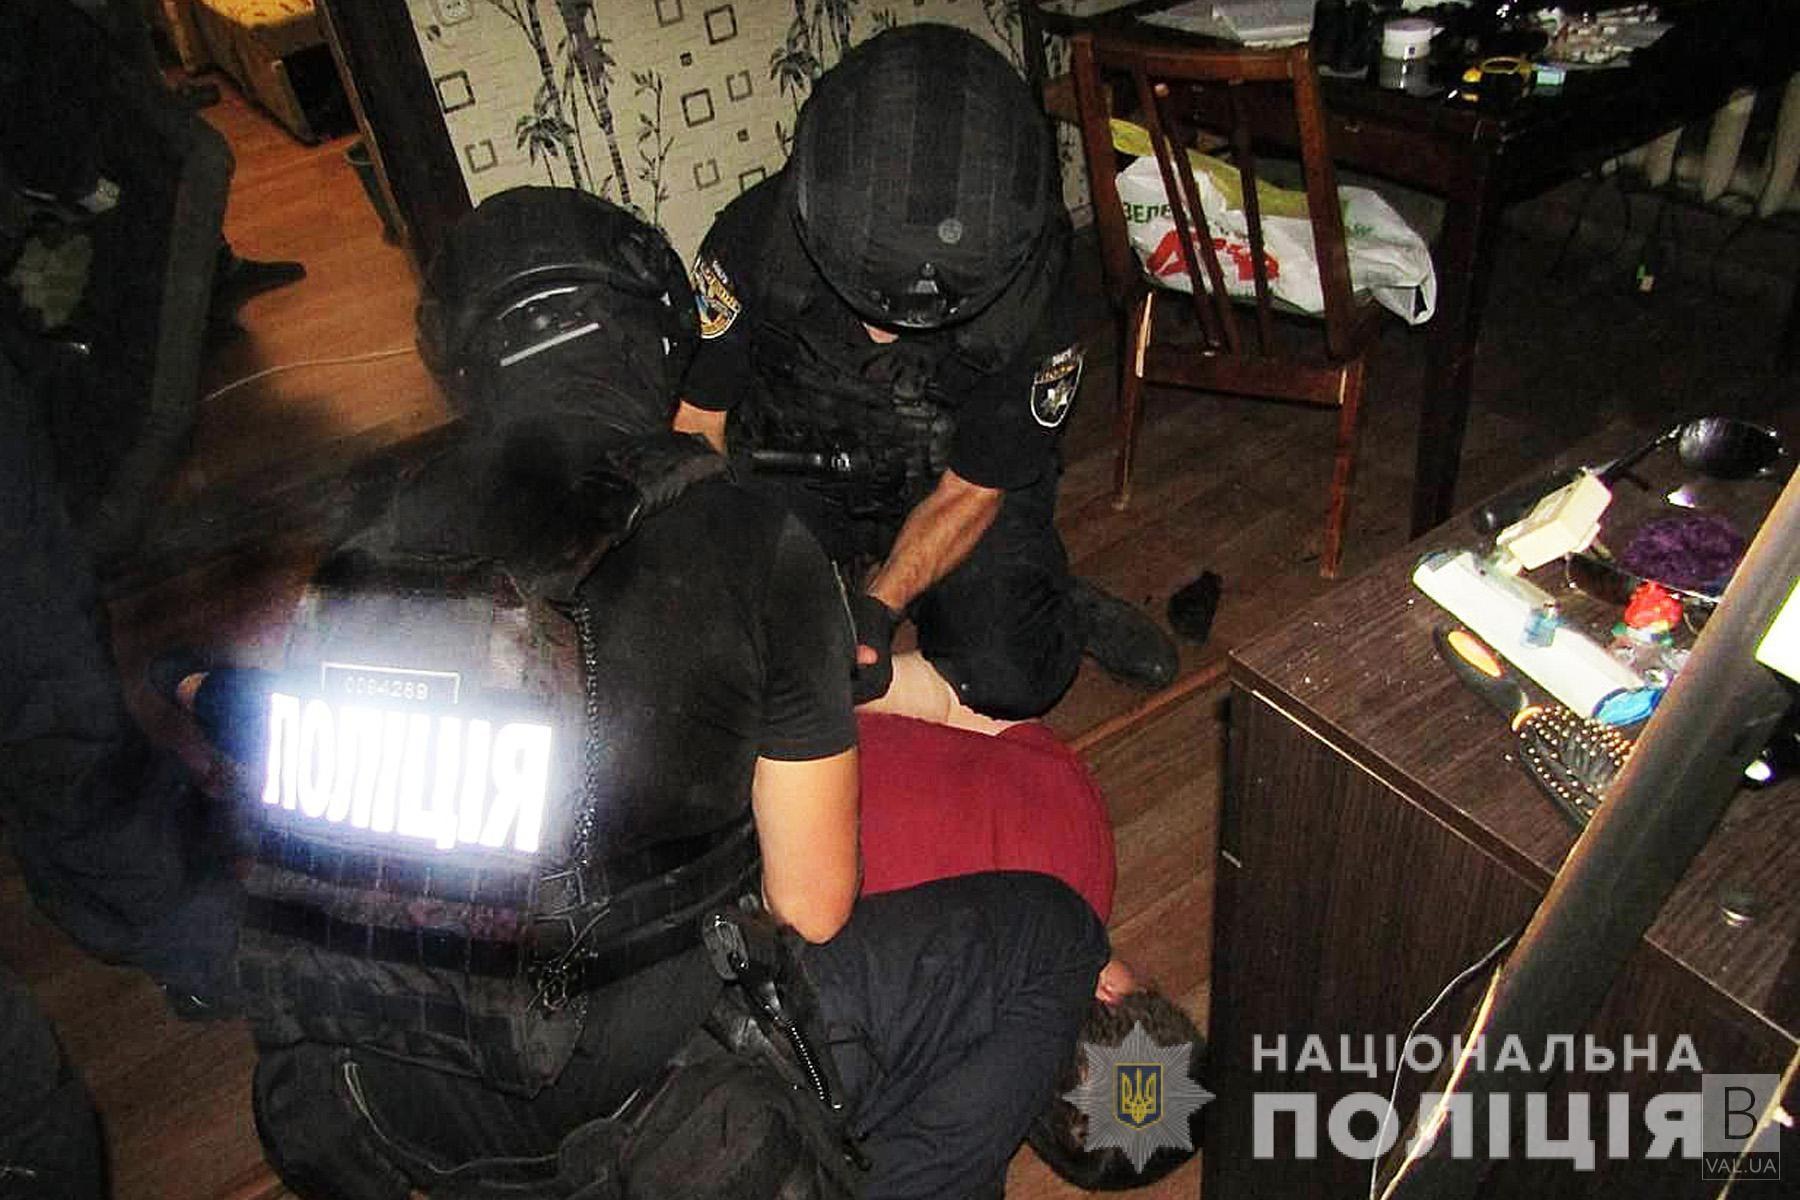 Заманив додому та погрожував: у Чернігові затримали чоловіка за спробу зґвалтування 13-річної дівчинки. ФОТО